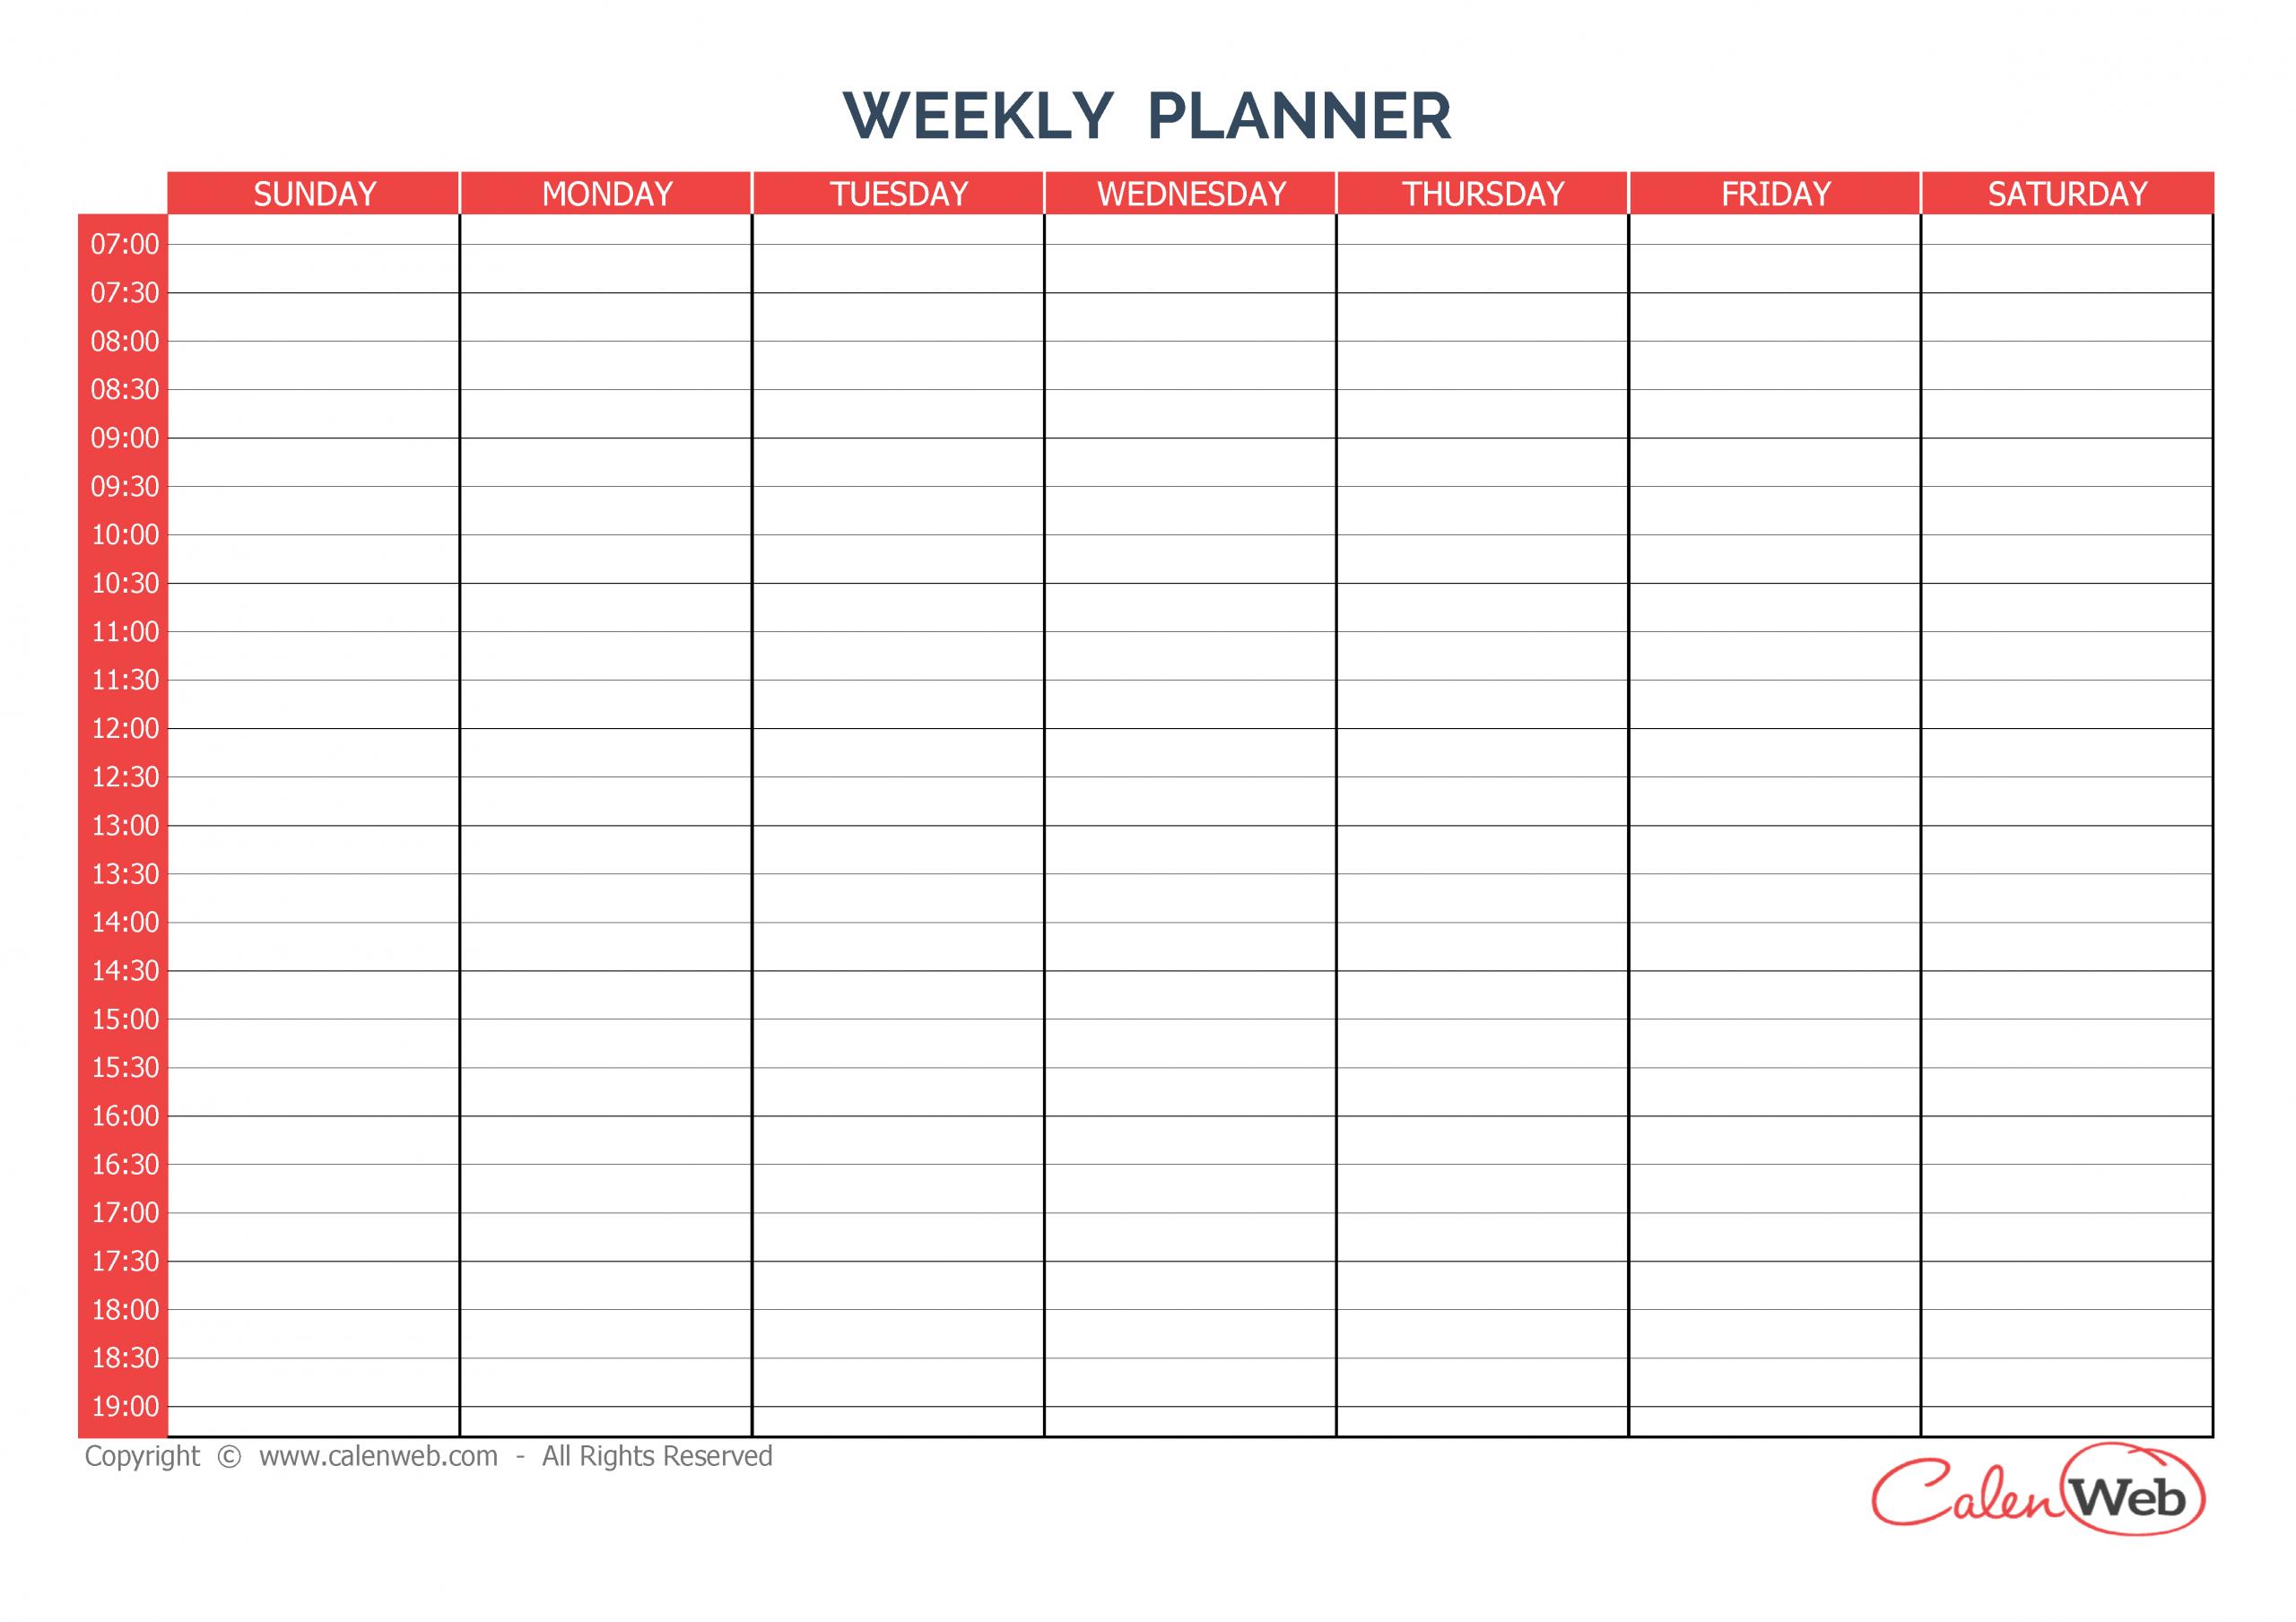 Calendriers Hebdomadaires – Calenweb Free Two Week Planning Calendaar